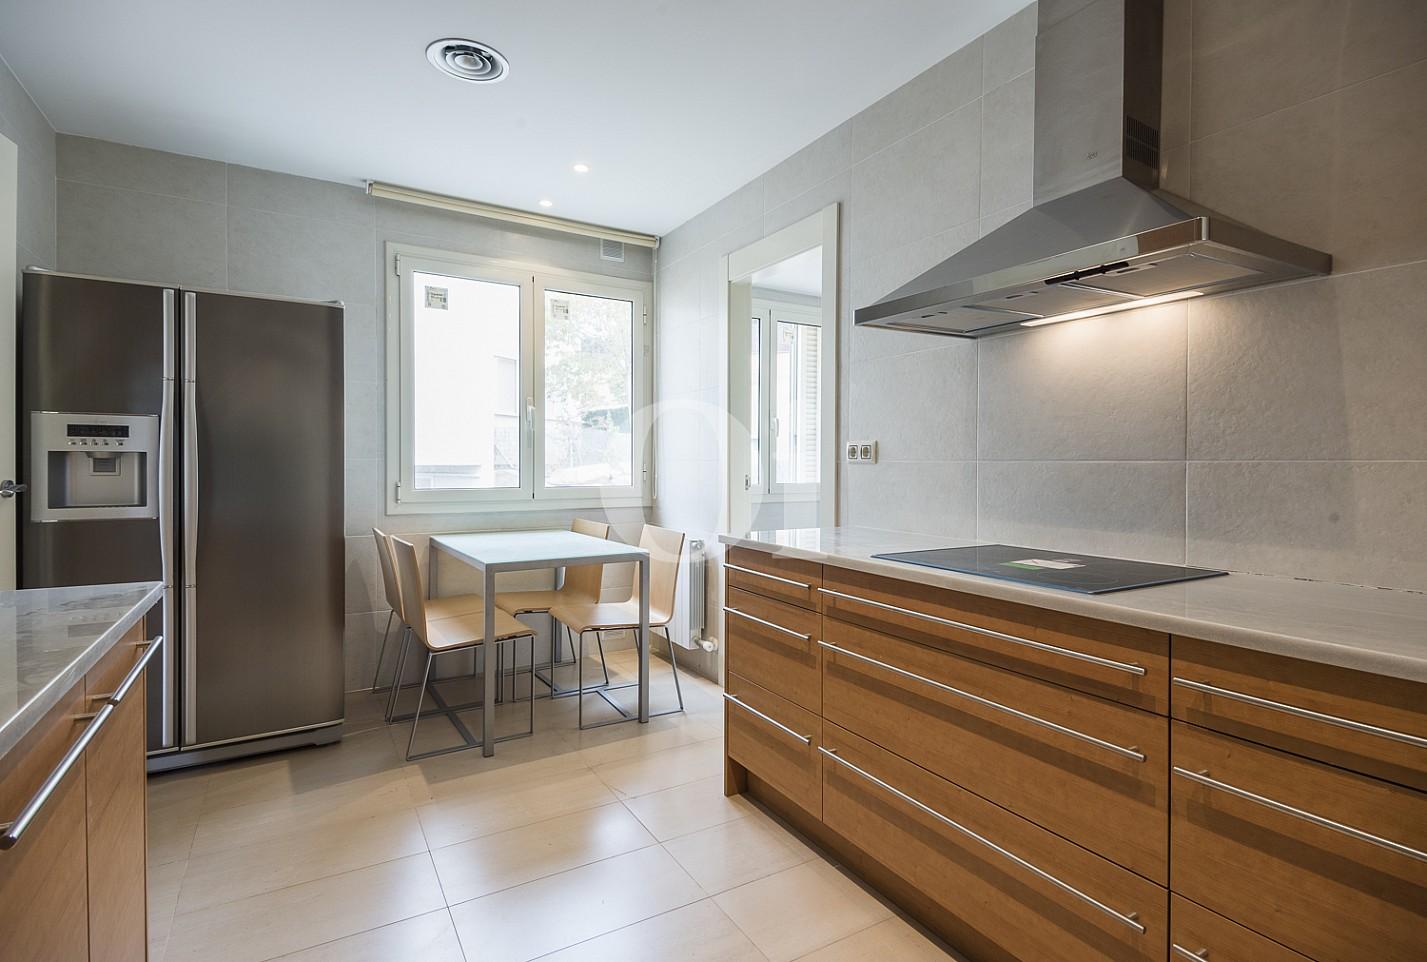 Современная кухня дома на продажу в Сант Висенс де Монтальт